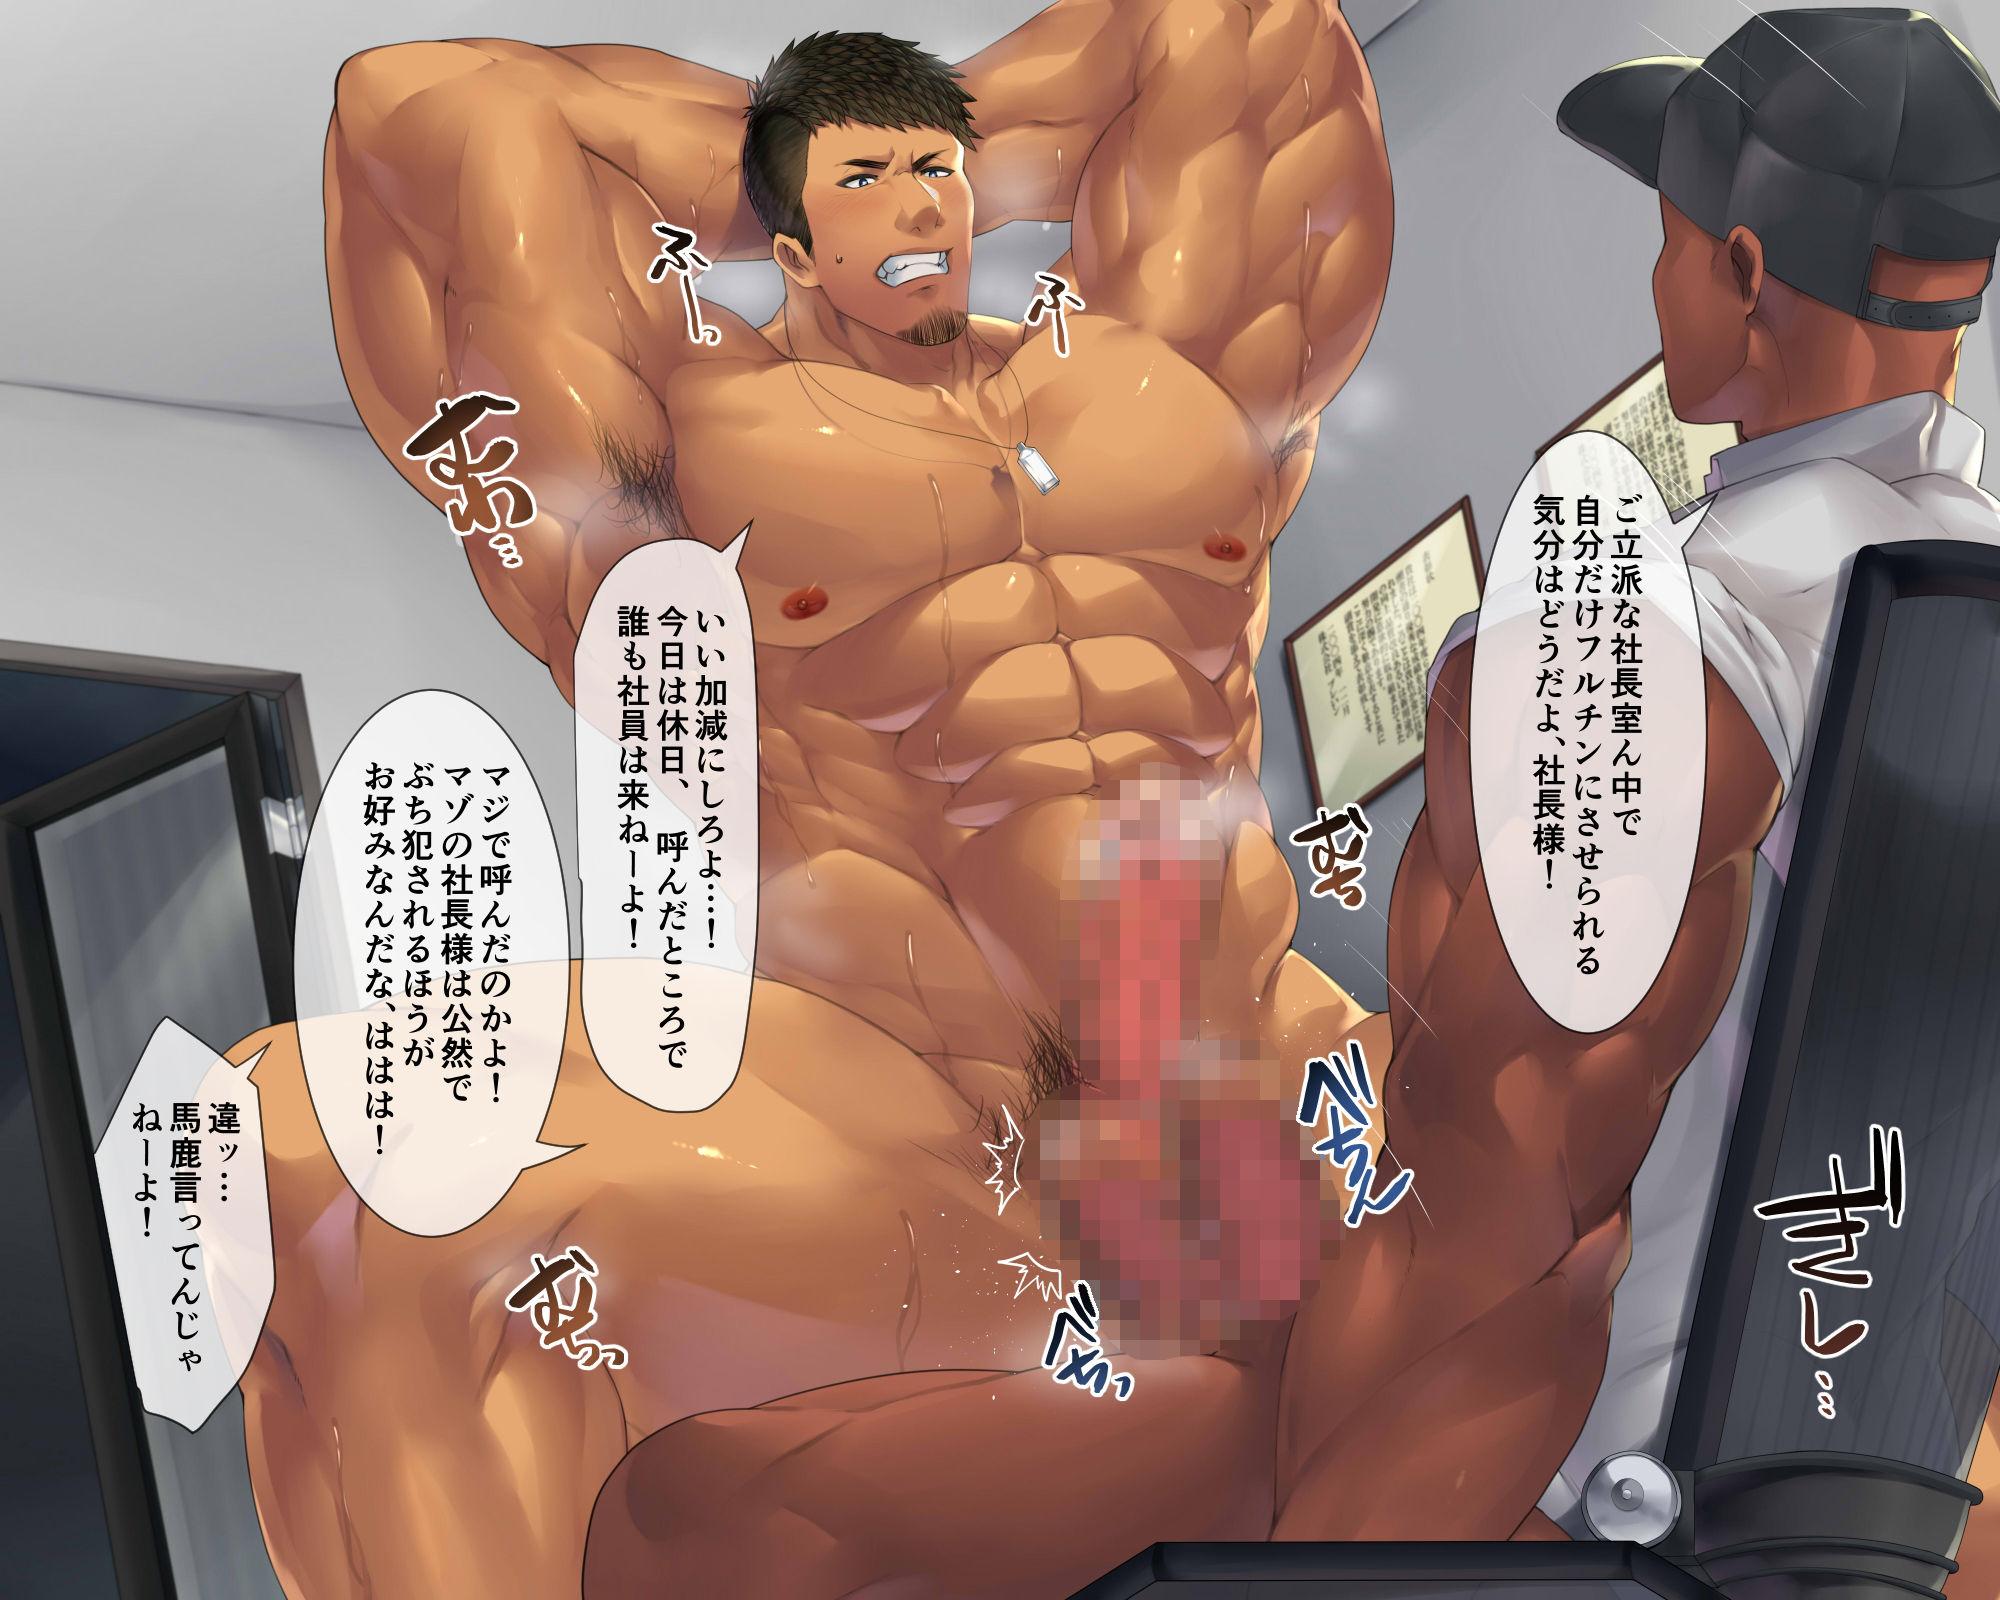 サンプル画像2:俺様系ドSマッチョ、屈辱のマゾ堕ち…!(+ENG)(たかおのがみ) [d_199205]